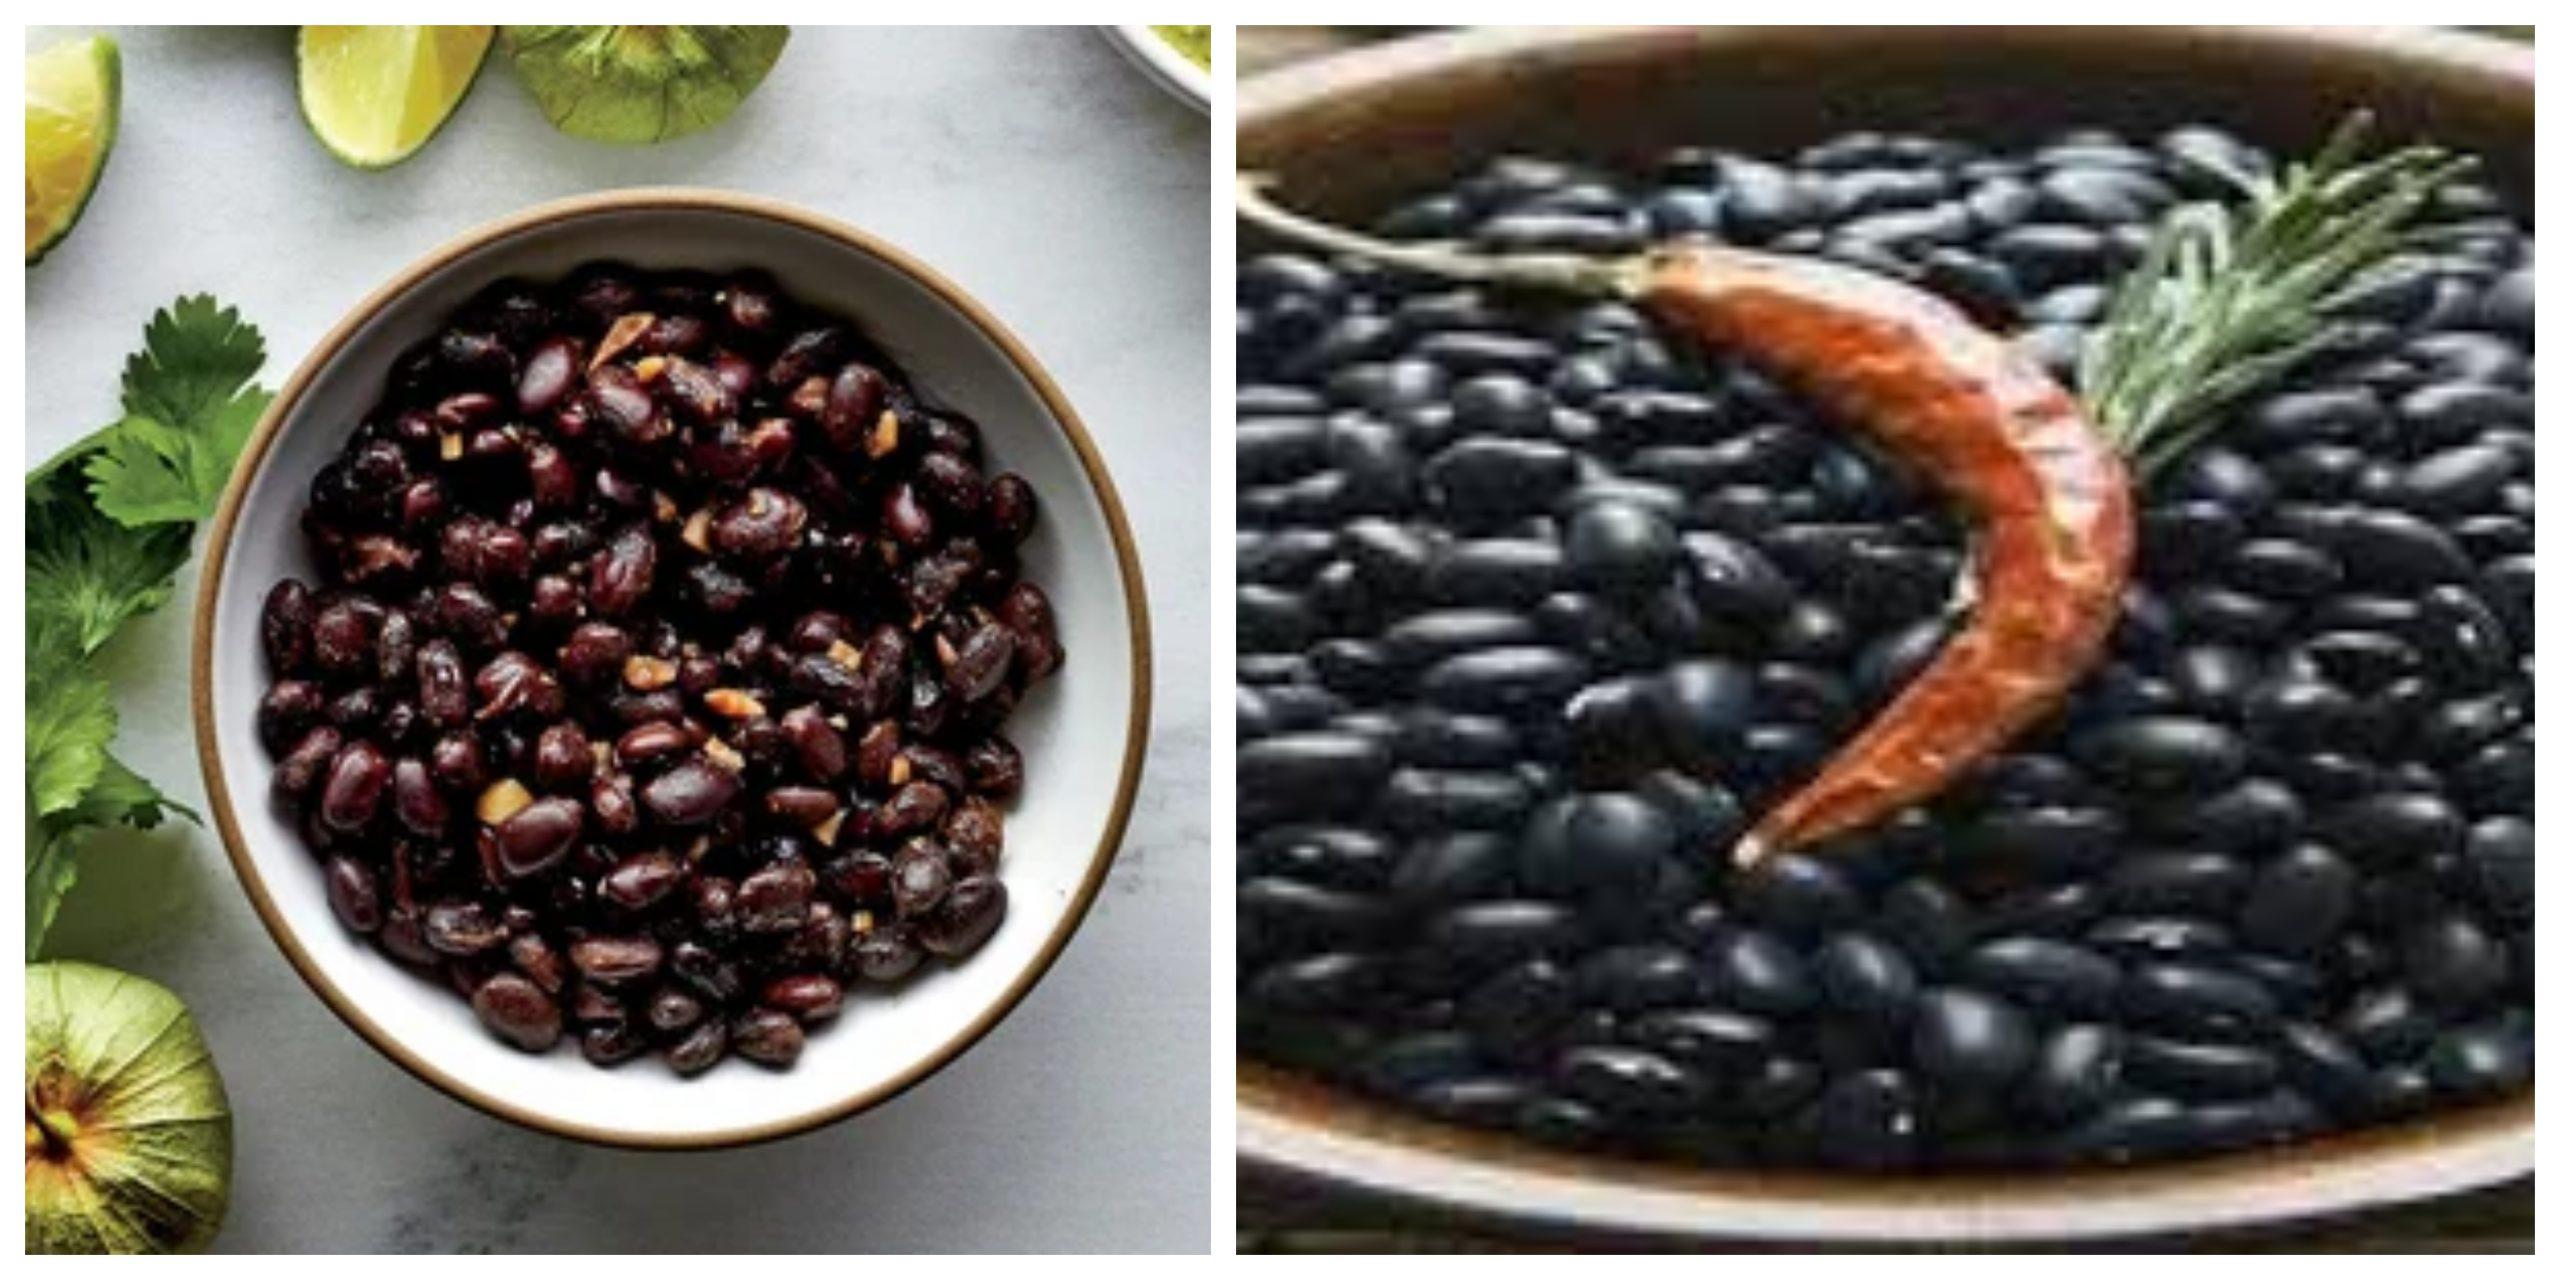 وصفات صحية لتناول الفاصوليا السوداء